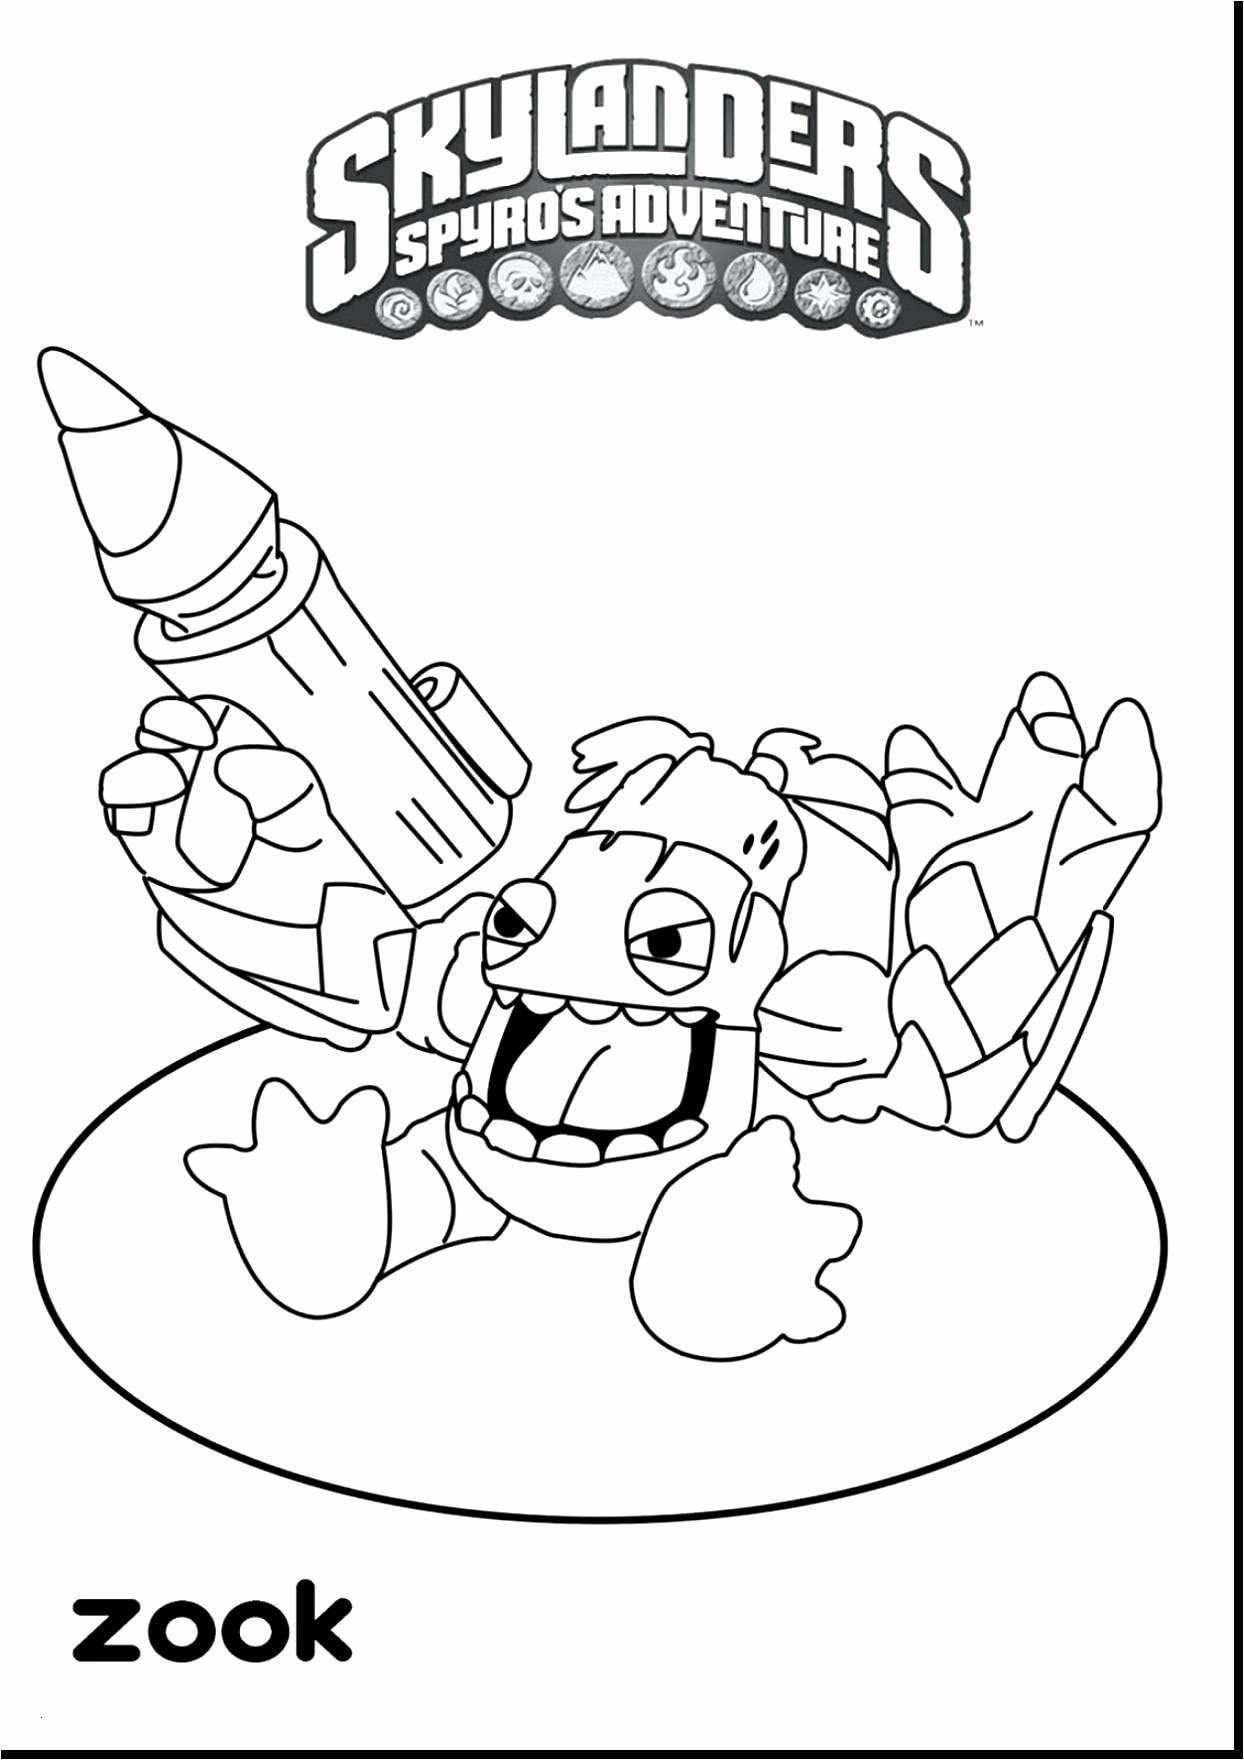 Ausmalbilder Winnie Pooh Und Seine Freunde Malvorlagen Das Beste Von 37 Ausmalbilder Winnie Puuh Scoredatscore Best Winnie Puuh Fotos